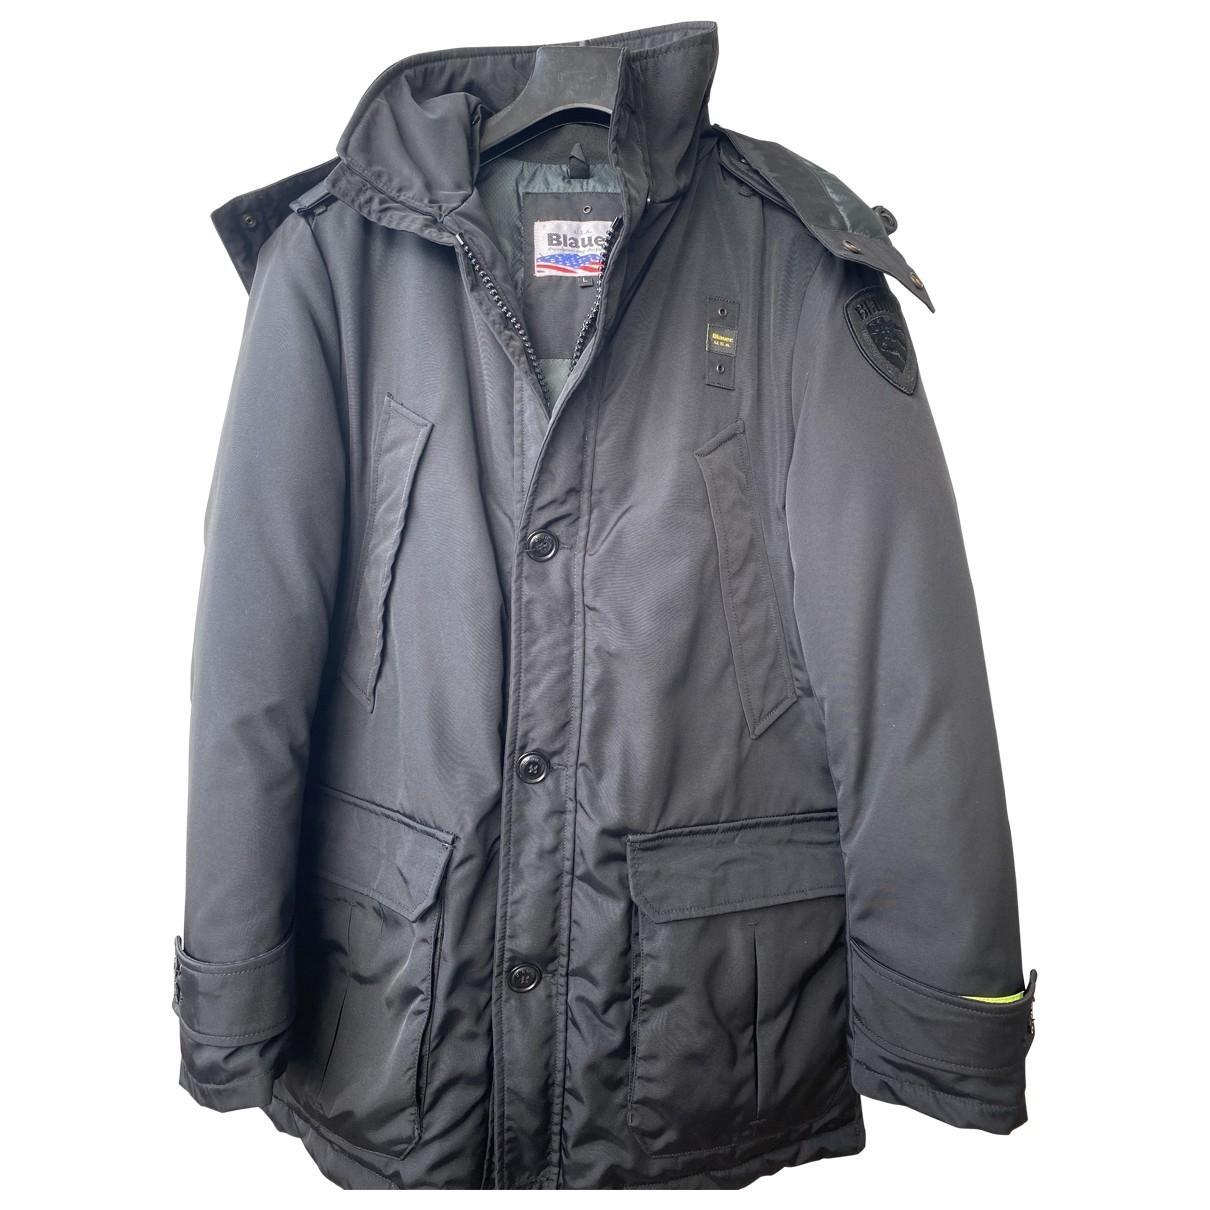 Blauer \N Black jacket  for Men L International